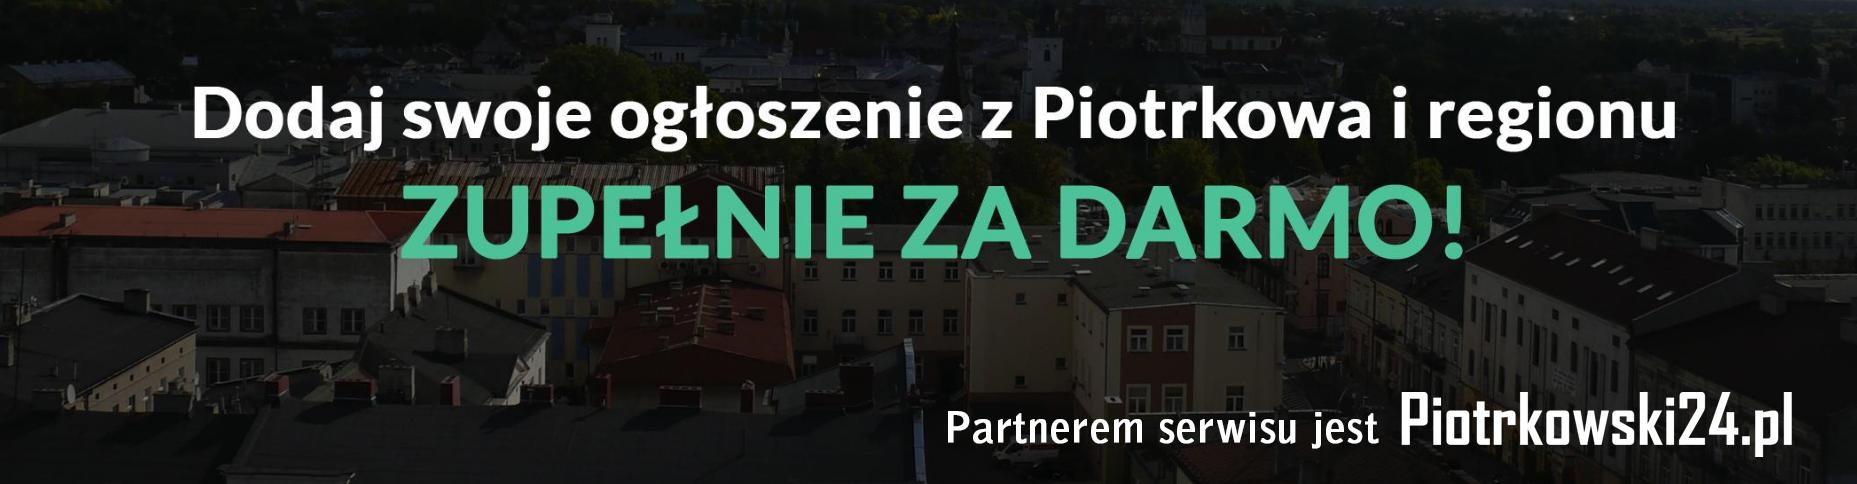 MojPiotrkow.pl - Ogłoszenia